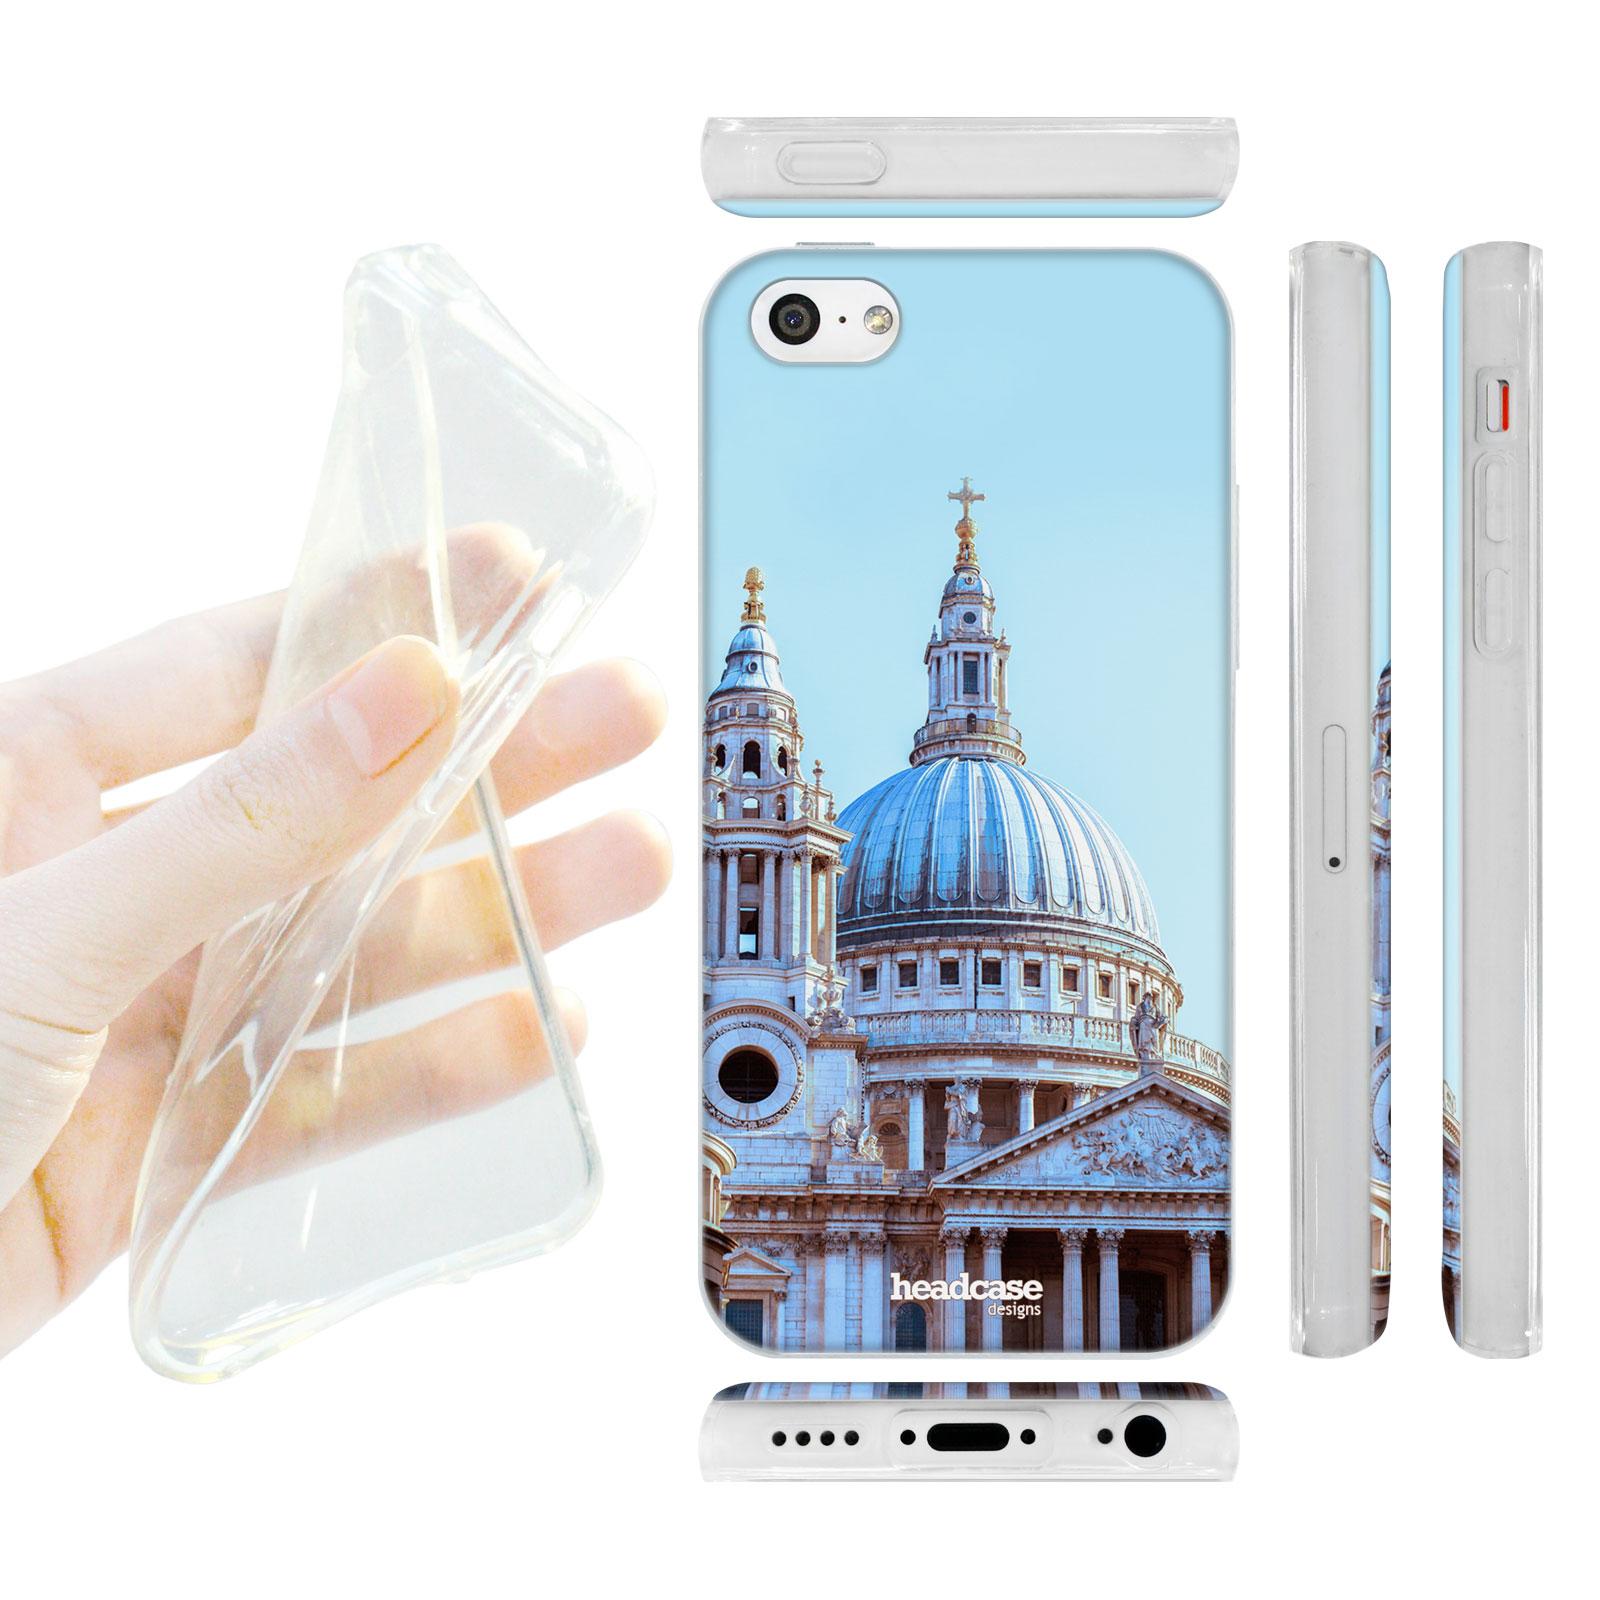 2f201bbb0 HEAD CASE silikonový obal na mobil Iphone 5C krásná místa Katedrála svatého